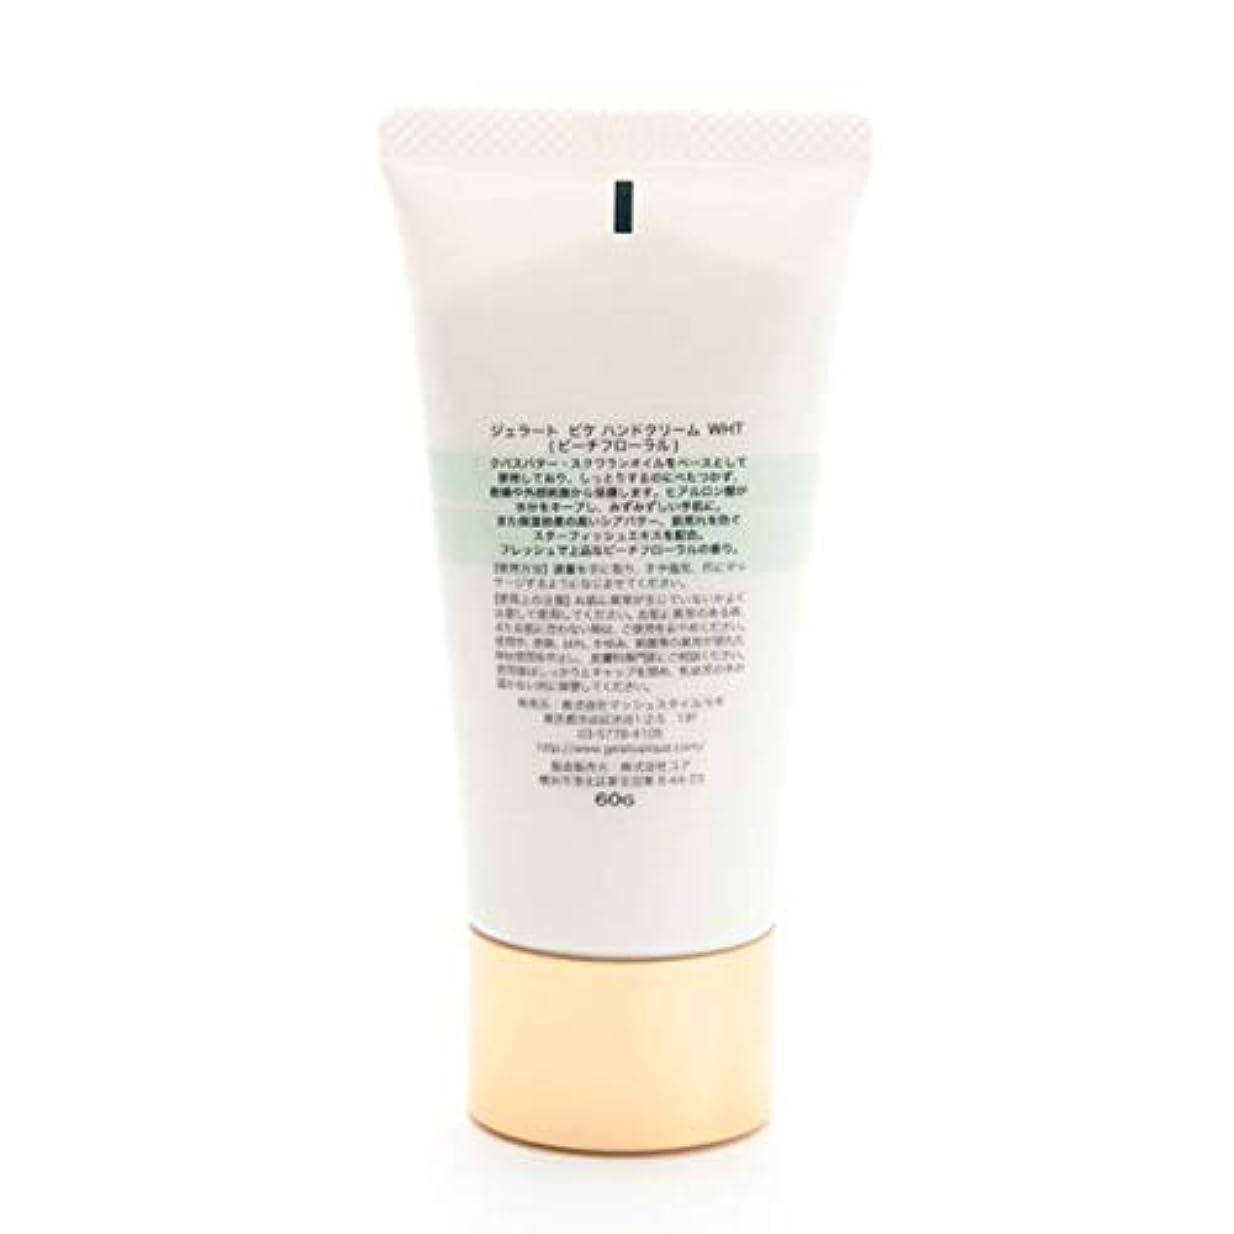 蒸留するサージほめるgelato pique ジェラートピケ [COSME MARCHE]ハンドクリーム pwlc149019 WHITE F